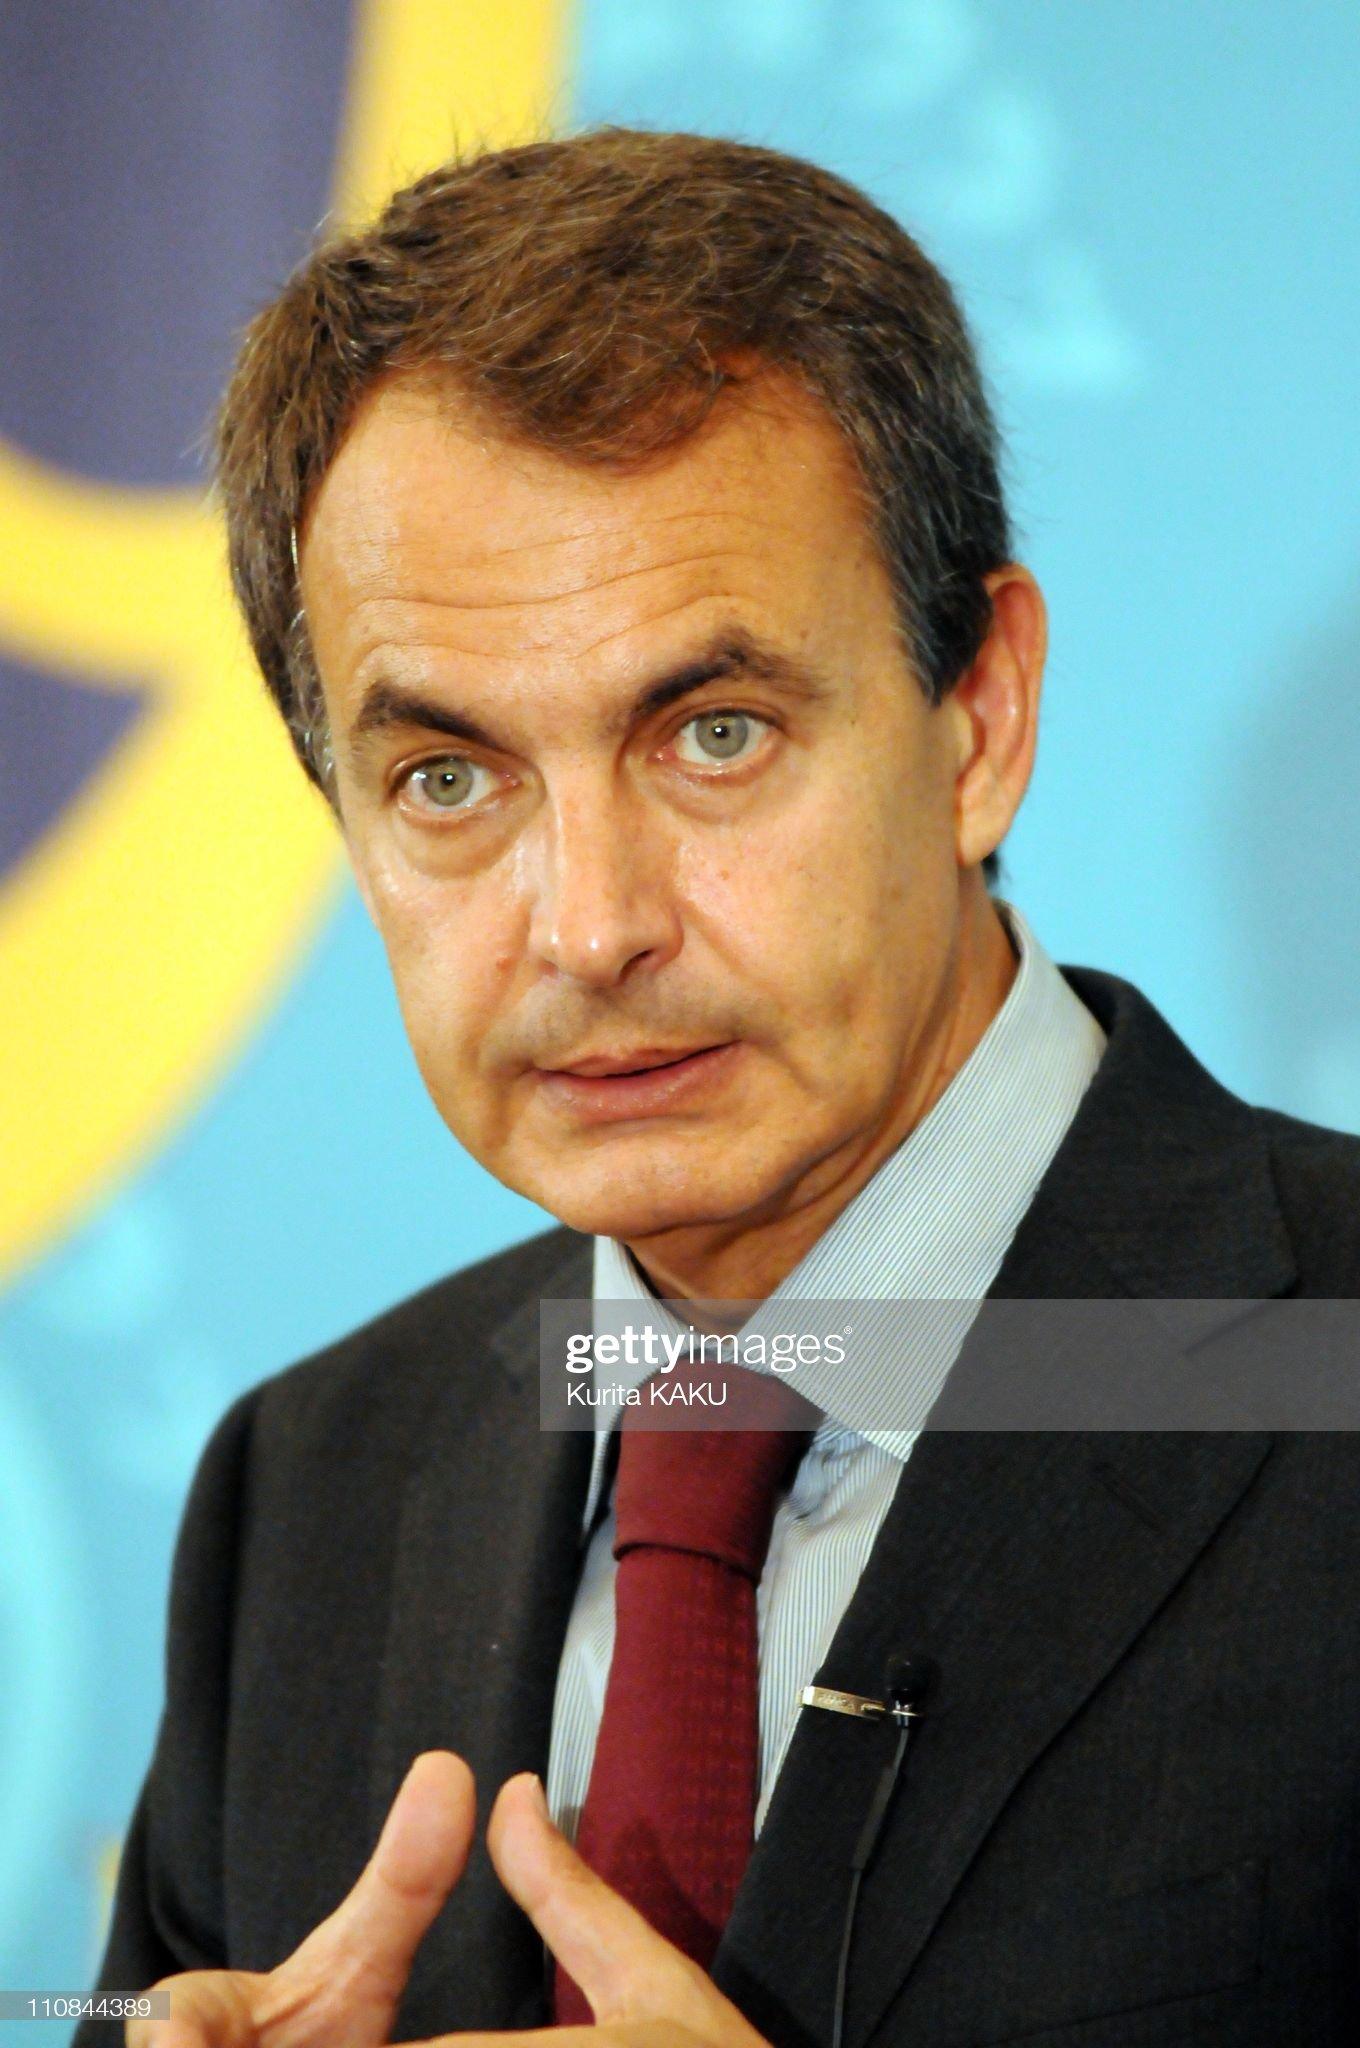 COLOR DE OJOS (clasificación y debate de personas famosas) - Página 8 News-conference-spainish-prime-minister-jose-luis-rodriguez-zapatero-picture-id110844389?s=2048x2048